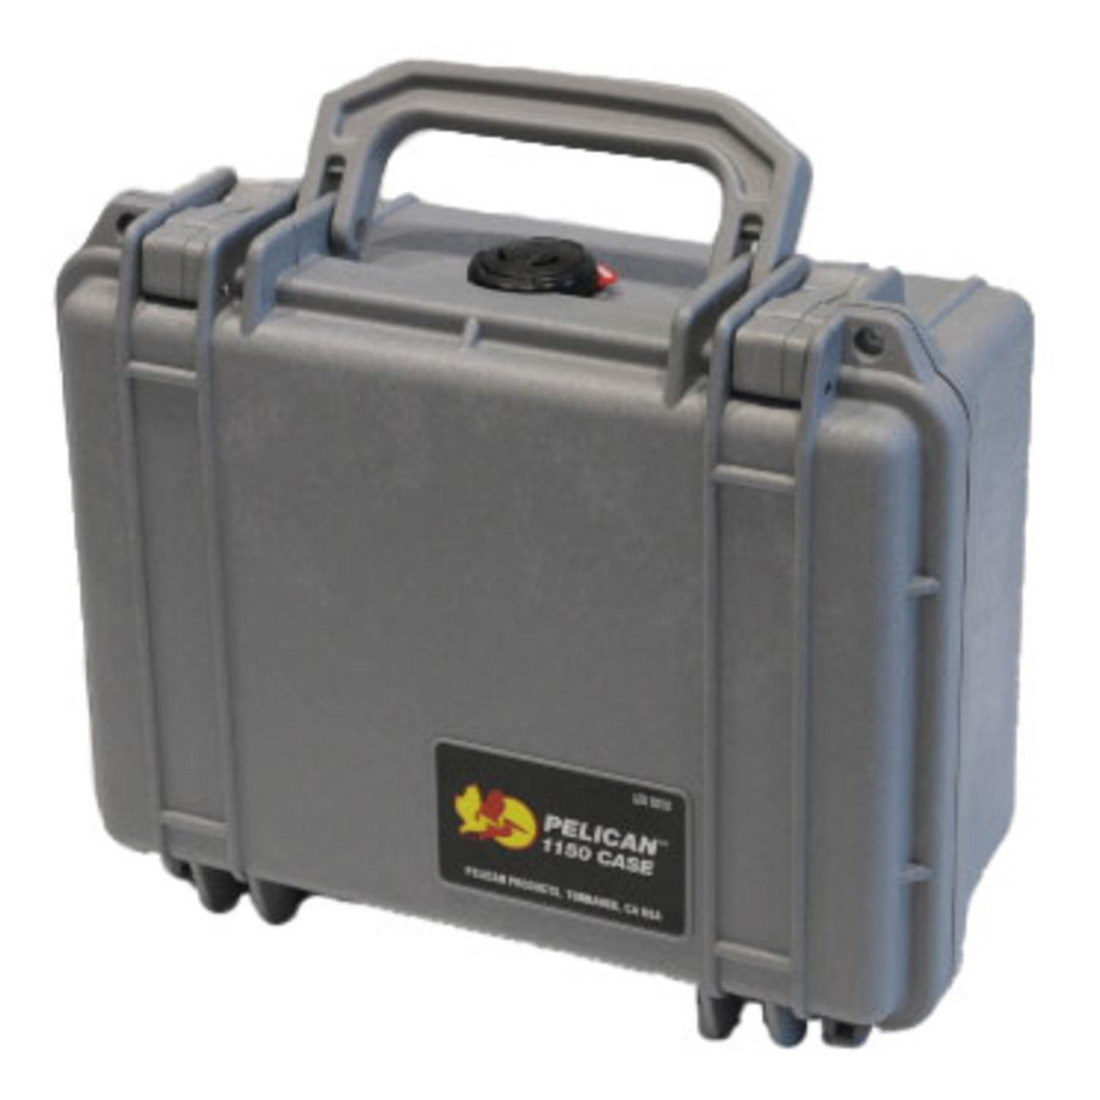 ペリカン 1150フォーム15 防水ケース フォーム付   自社在庫品